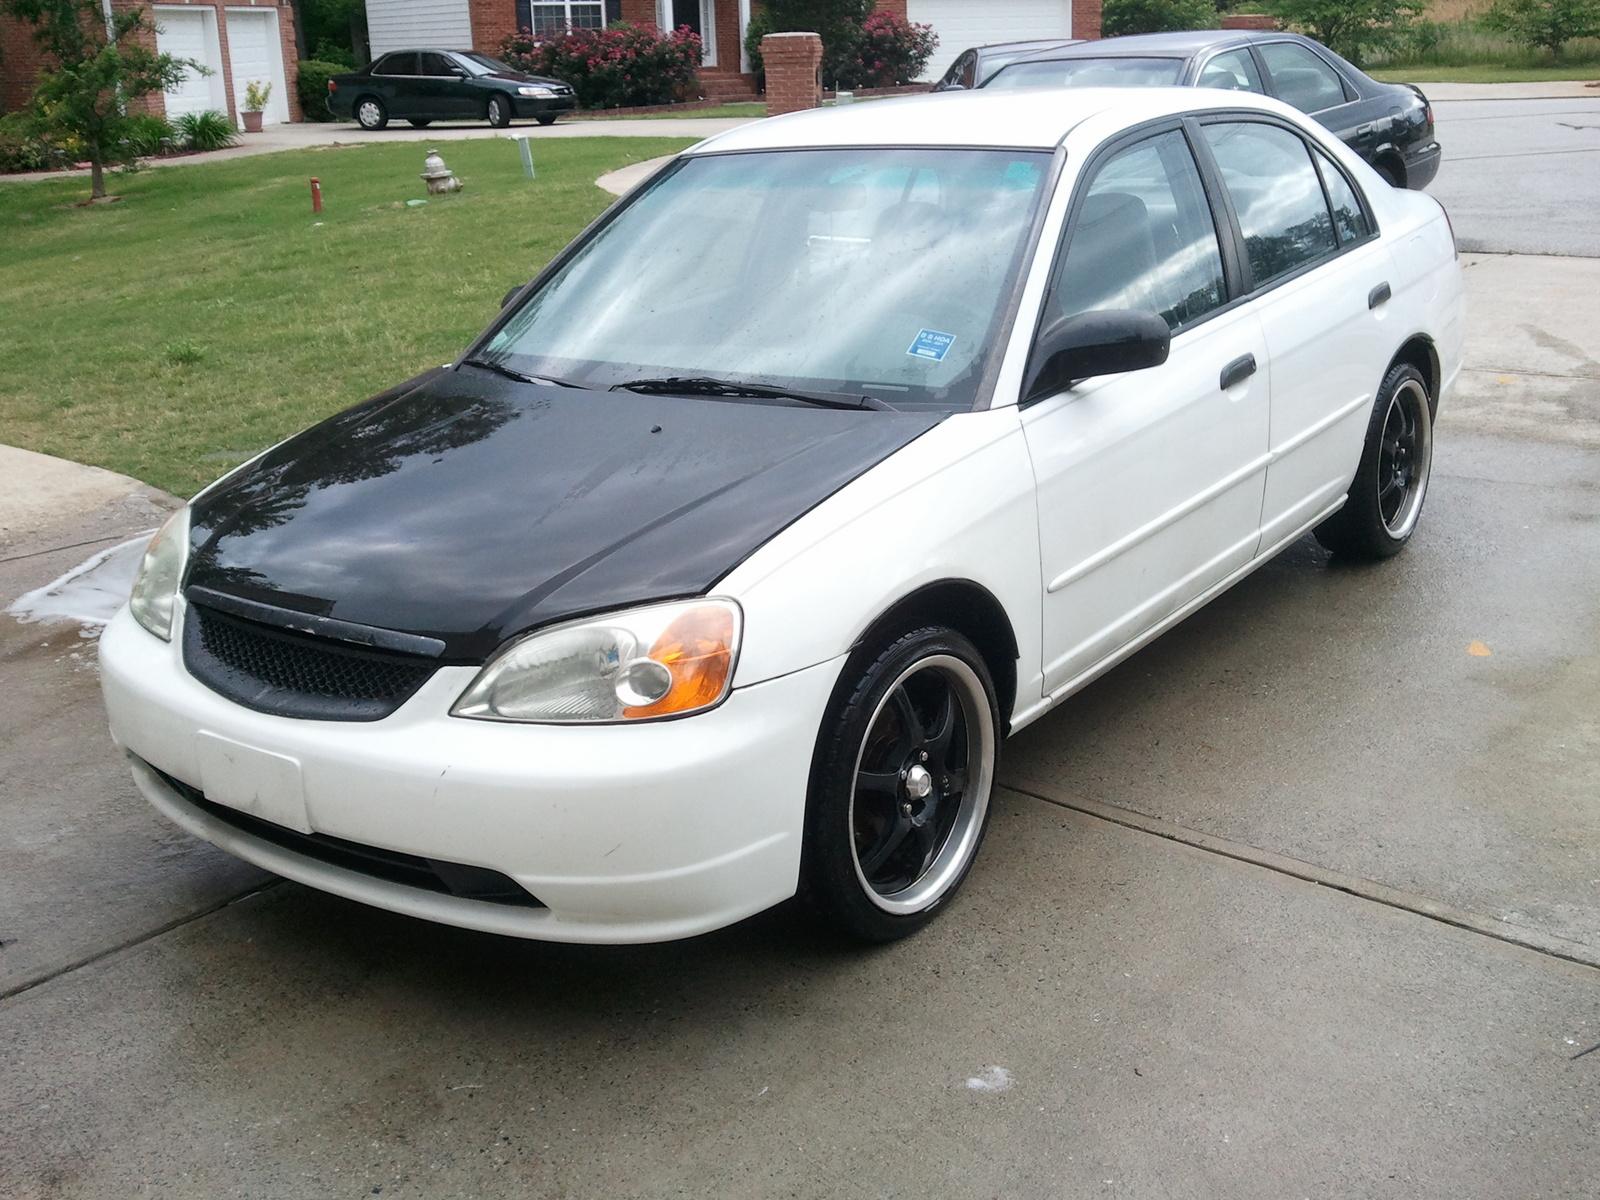 2001 Honda Civic - Pictures - CarGurus